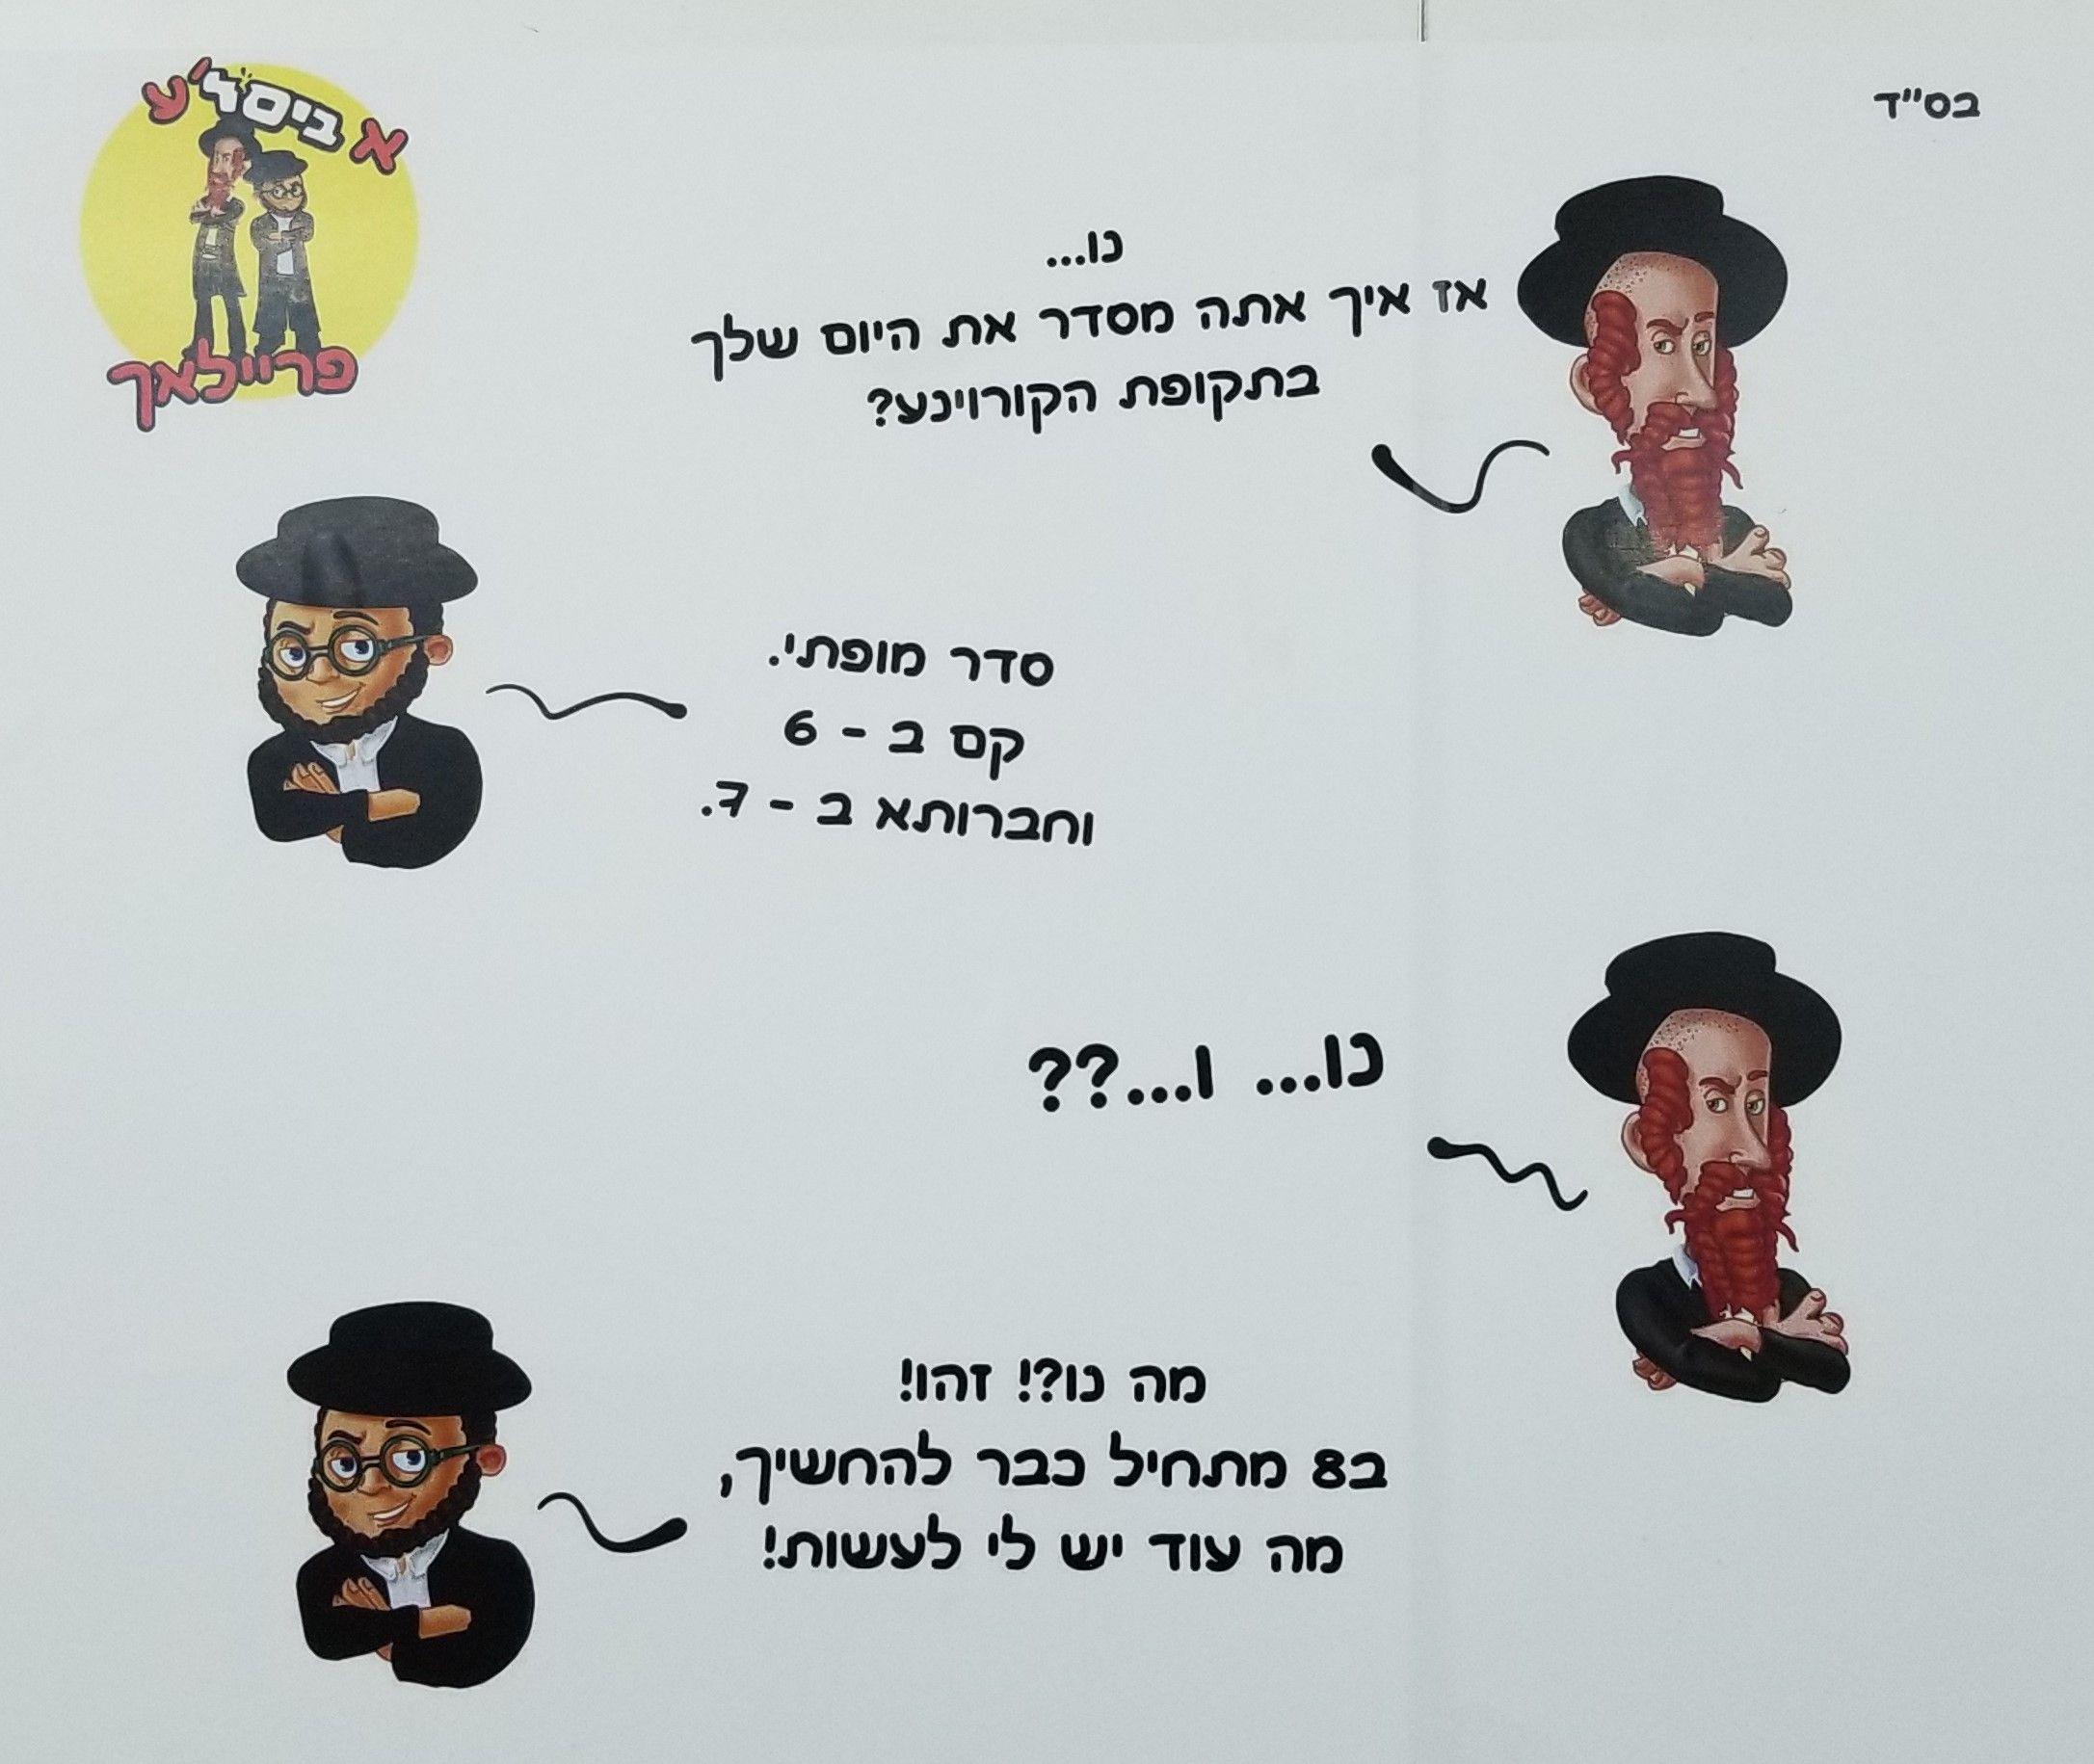 גלריית מקלט לאמנות, יהודה המכבי 7, ירושלים